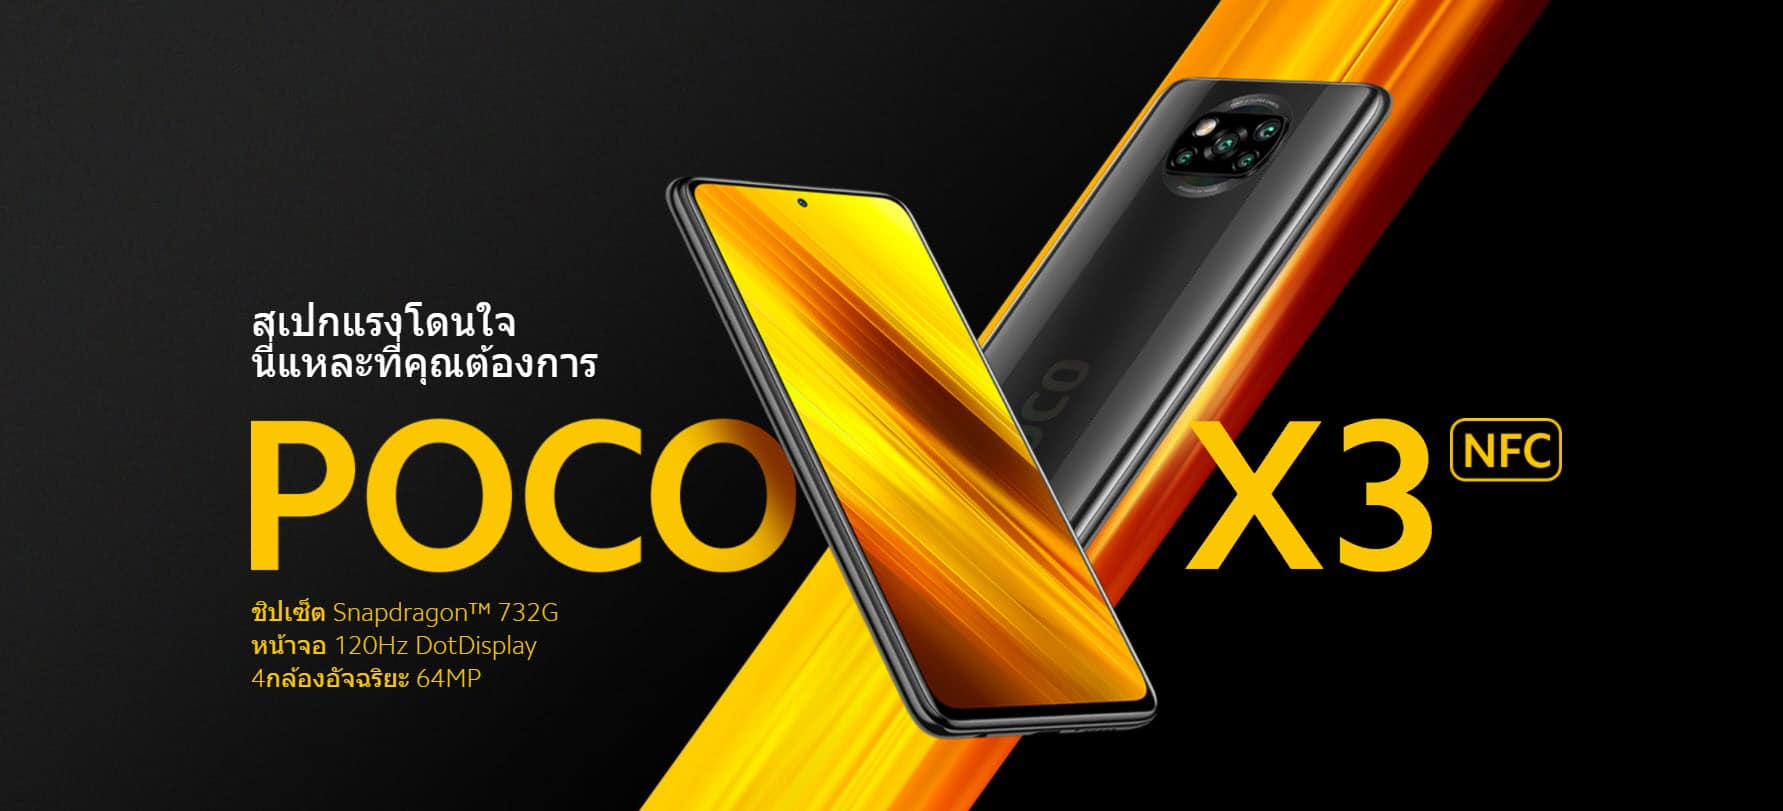 ชื่อรูป: 2020 11 05 10 41 30 ประกอบเนื้อหา: POCO X3 NFC แชมป์แห่งสมาร์ทโฟนระดับกลาง  หน้าจอ แบตเตอรี่และประสิทธิภาพระดับแนวหน้าจากแบรนด์อันเป็นที่รัก